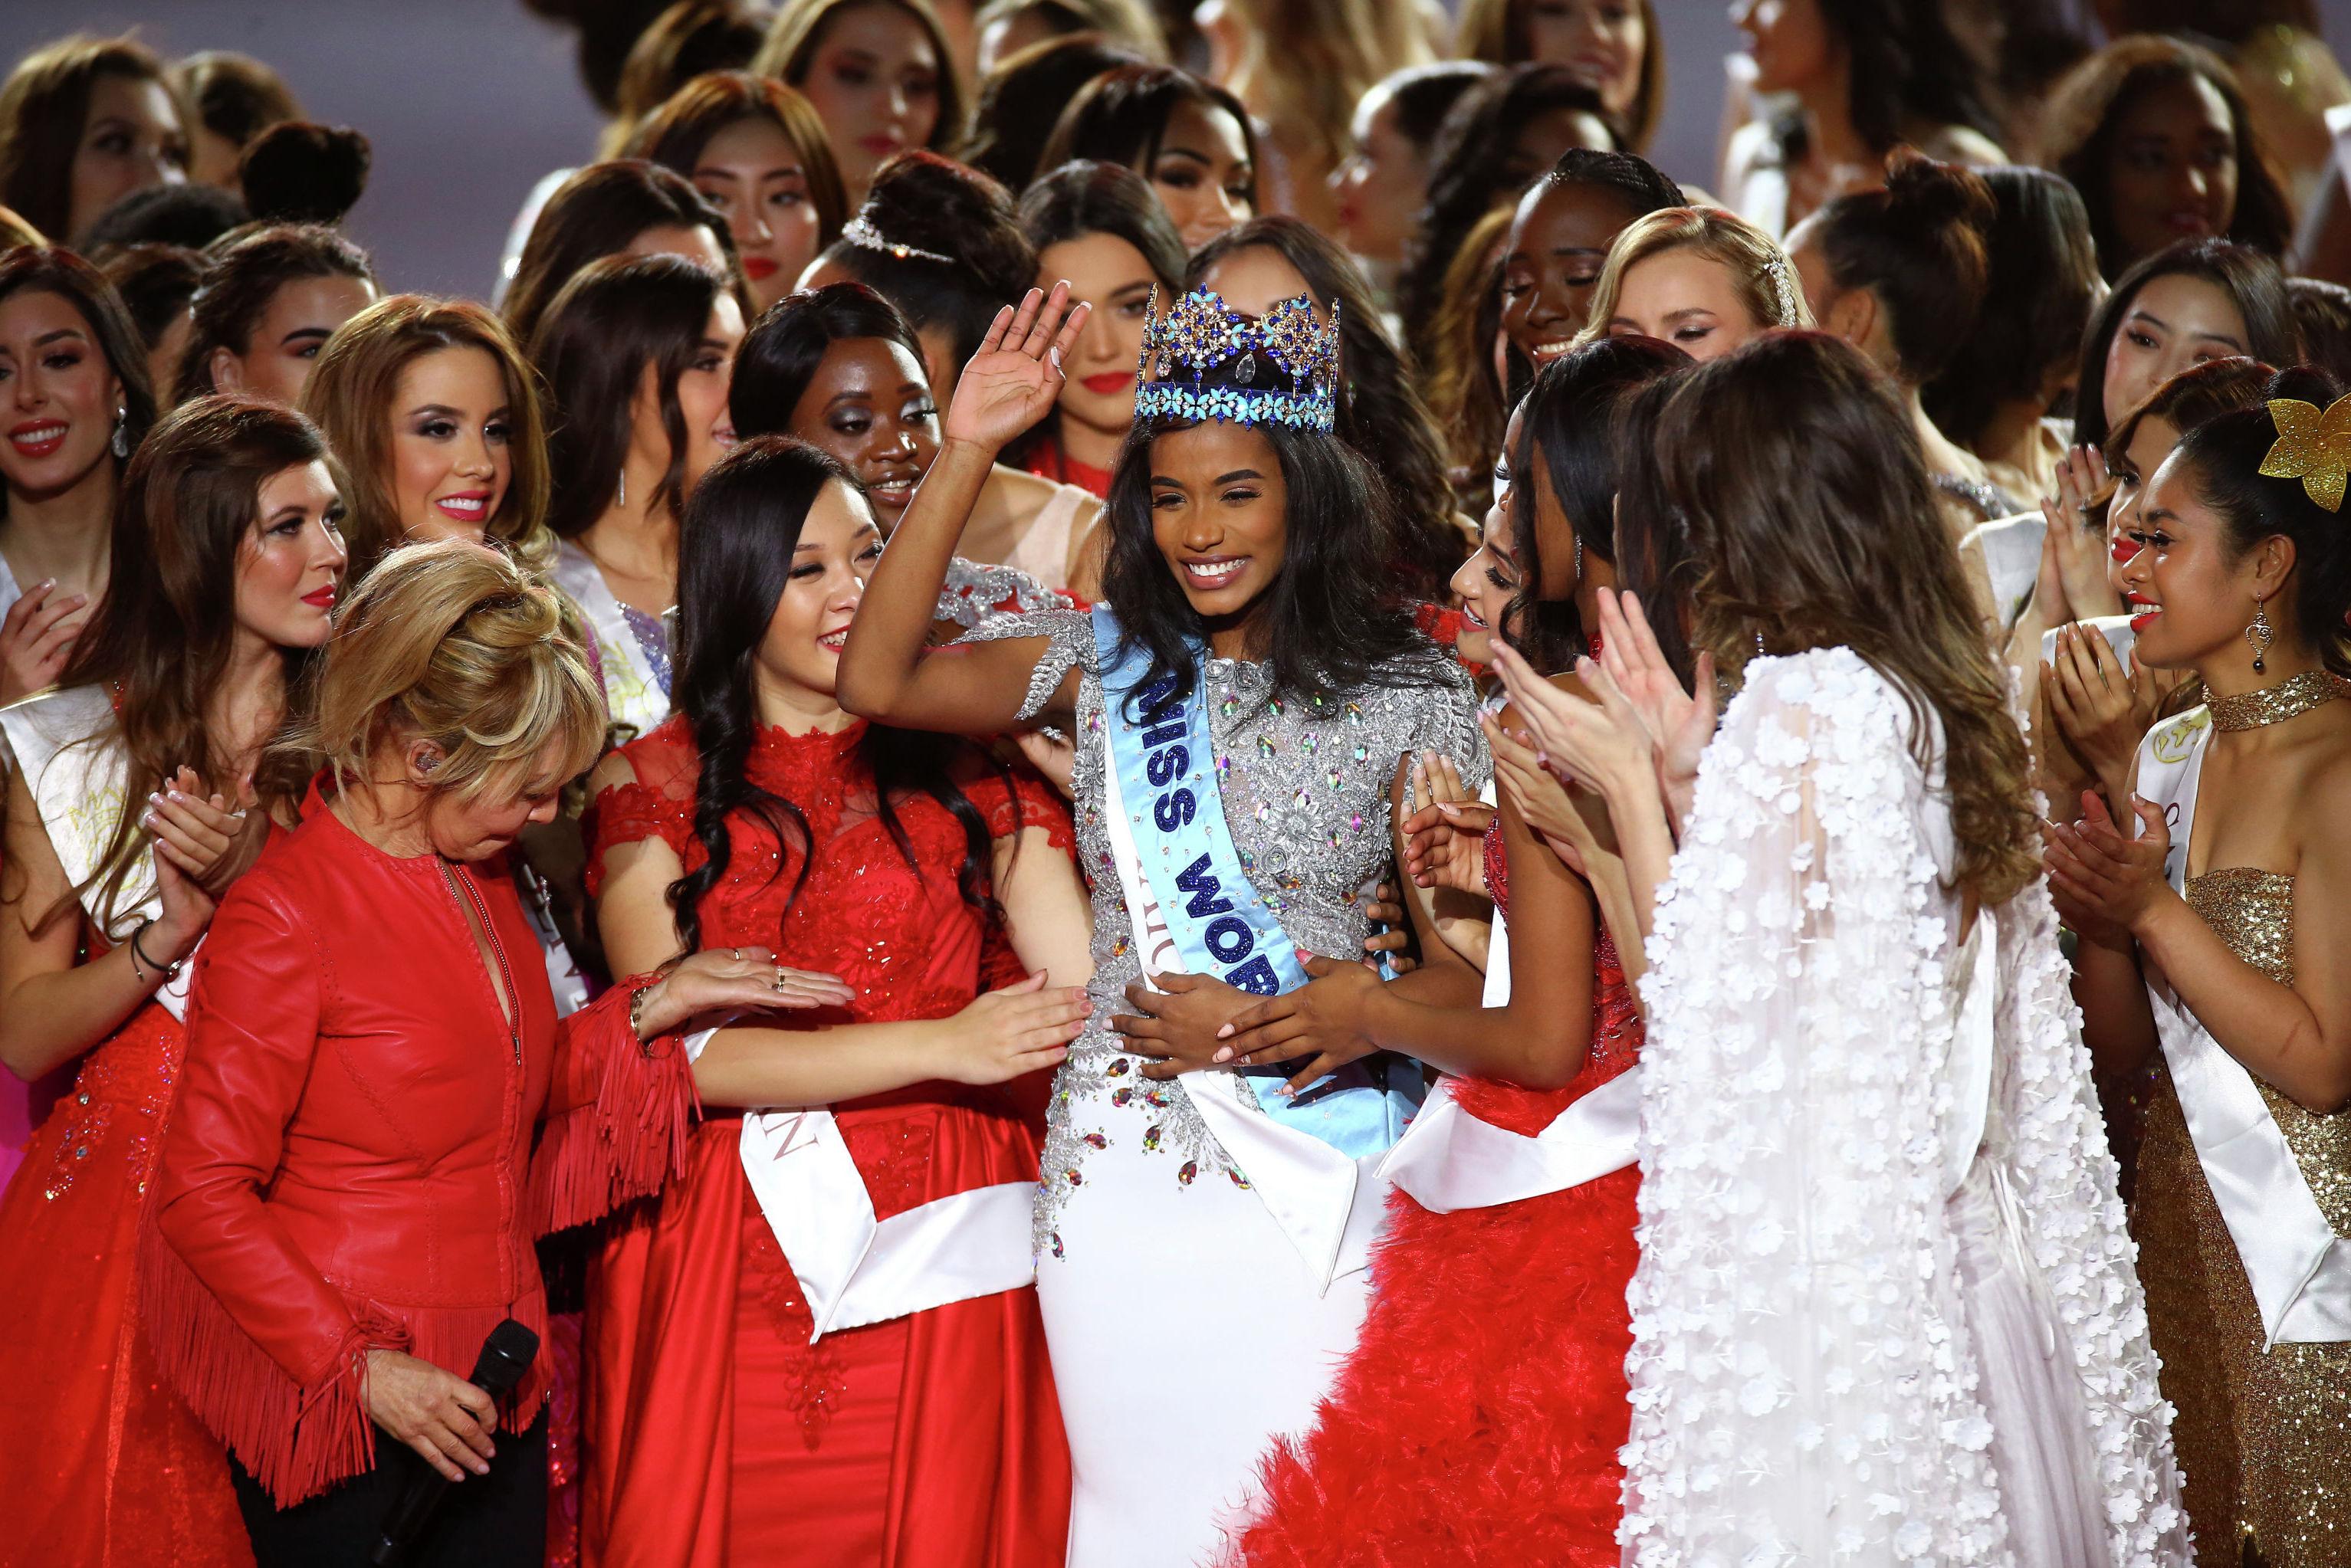 Победительница Мисс мира 2019 Тони-Энн Сингх из Ямайки, в центре с короной с другими конкурсантками после получения награды на 69-м ежегодном конкурсе Miss World в центре Excel в Лондоне. 14 декабря 2019 года